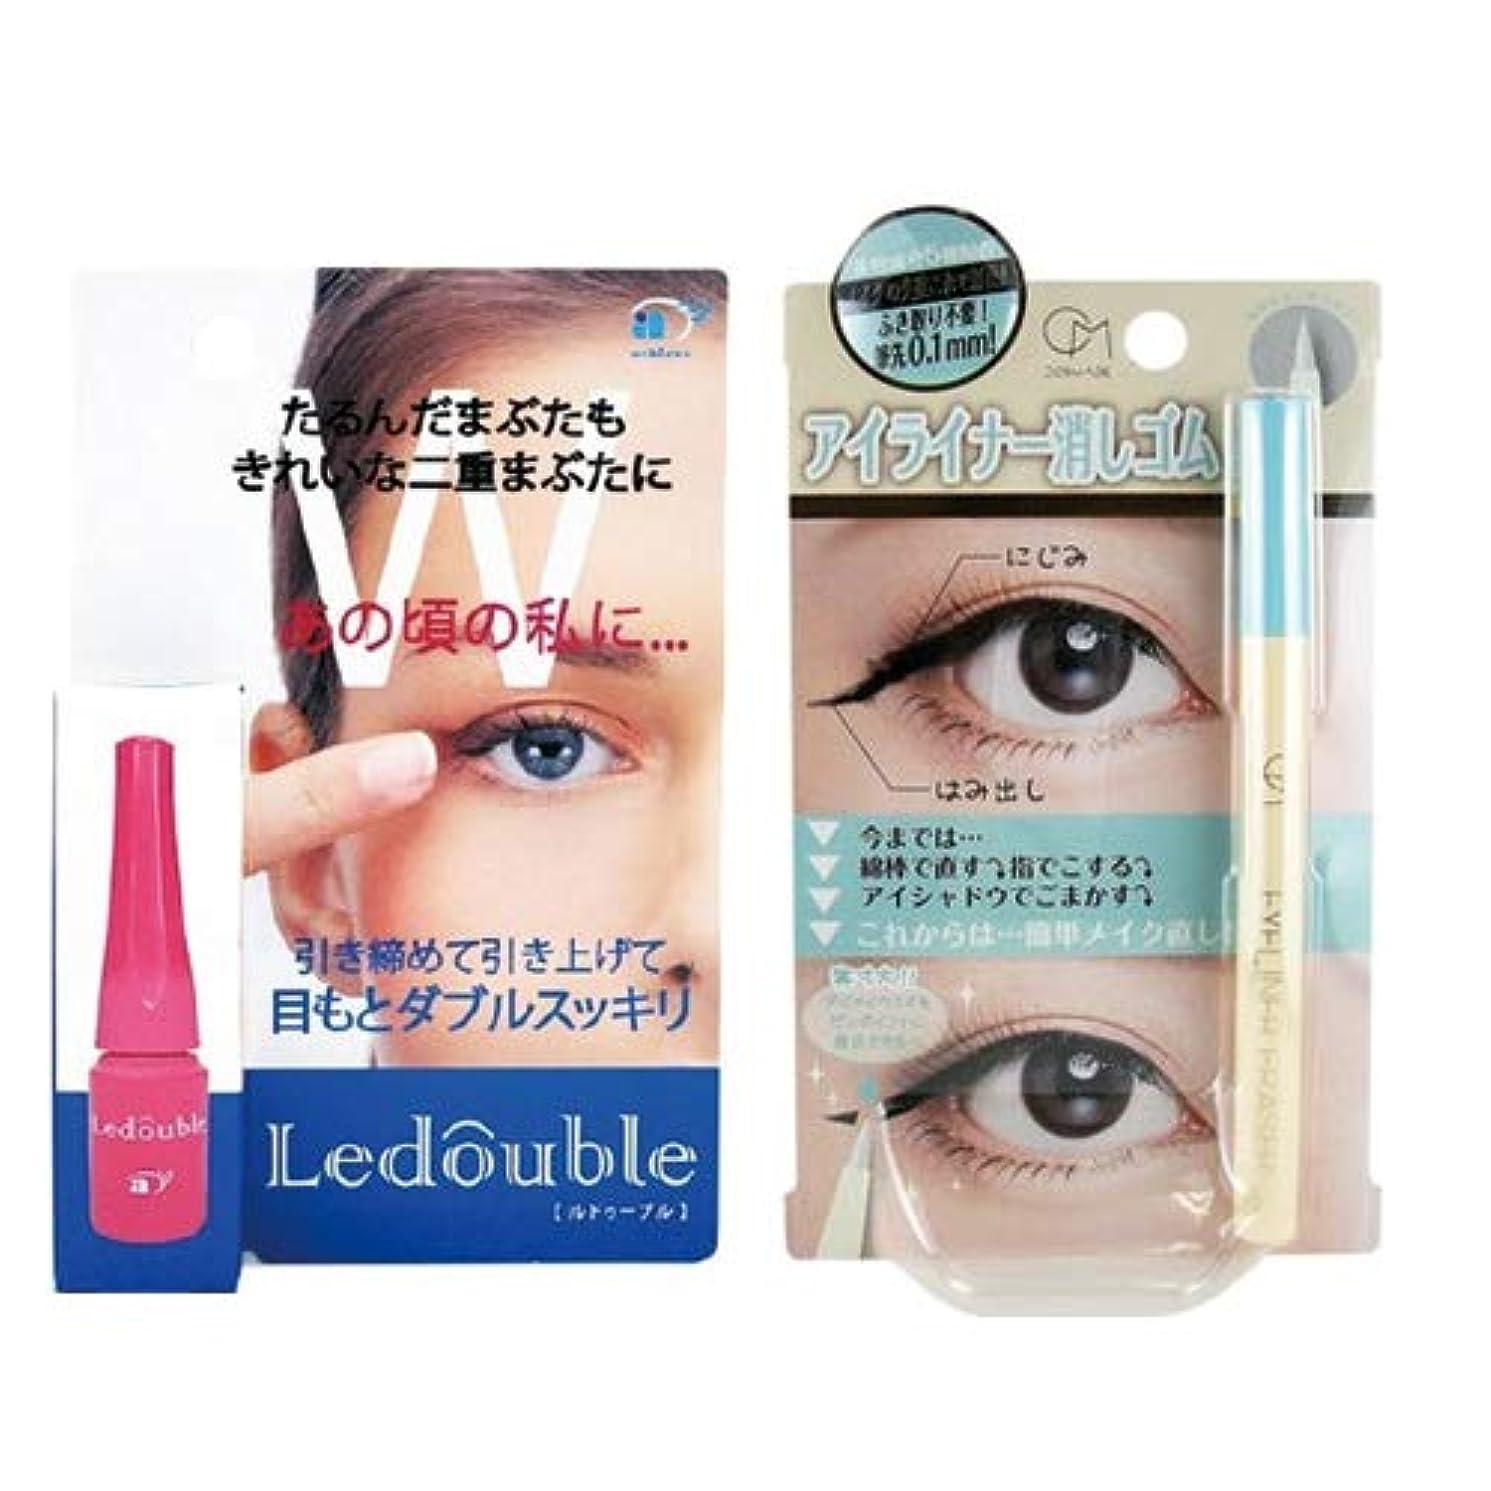 存在範囲うめき声二重まぶた化粧品 大人のLedouble [大人のルドゥーブル] (2mL)+ COSMAGE(コスマージュ) アイライナー消しゴム (EYELINE ERASER)セット